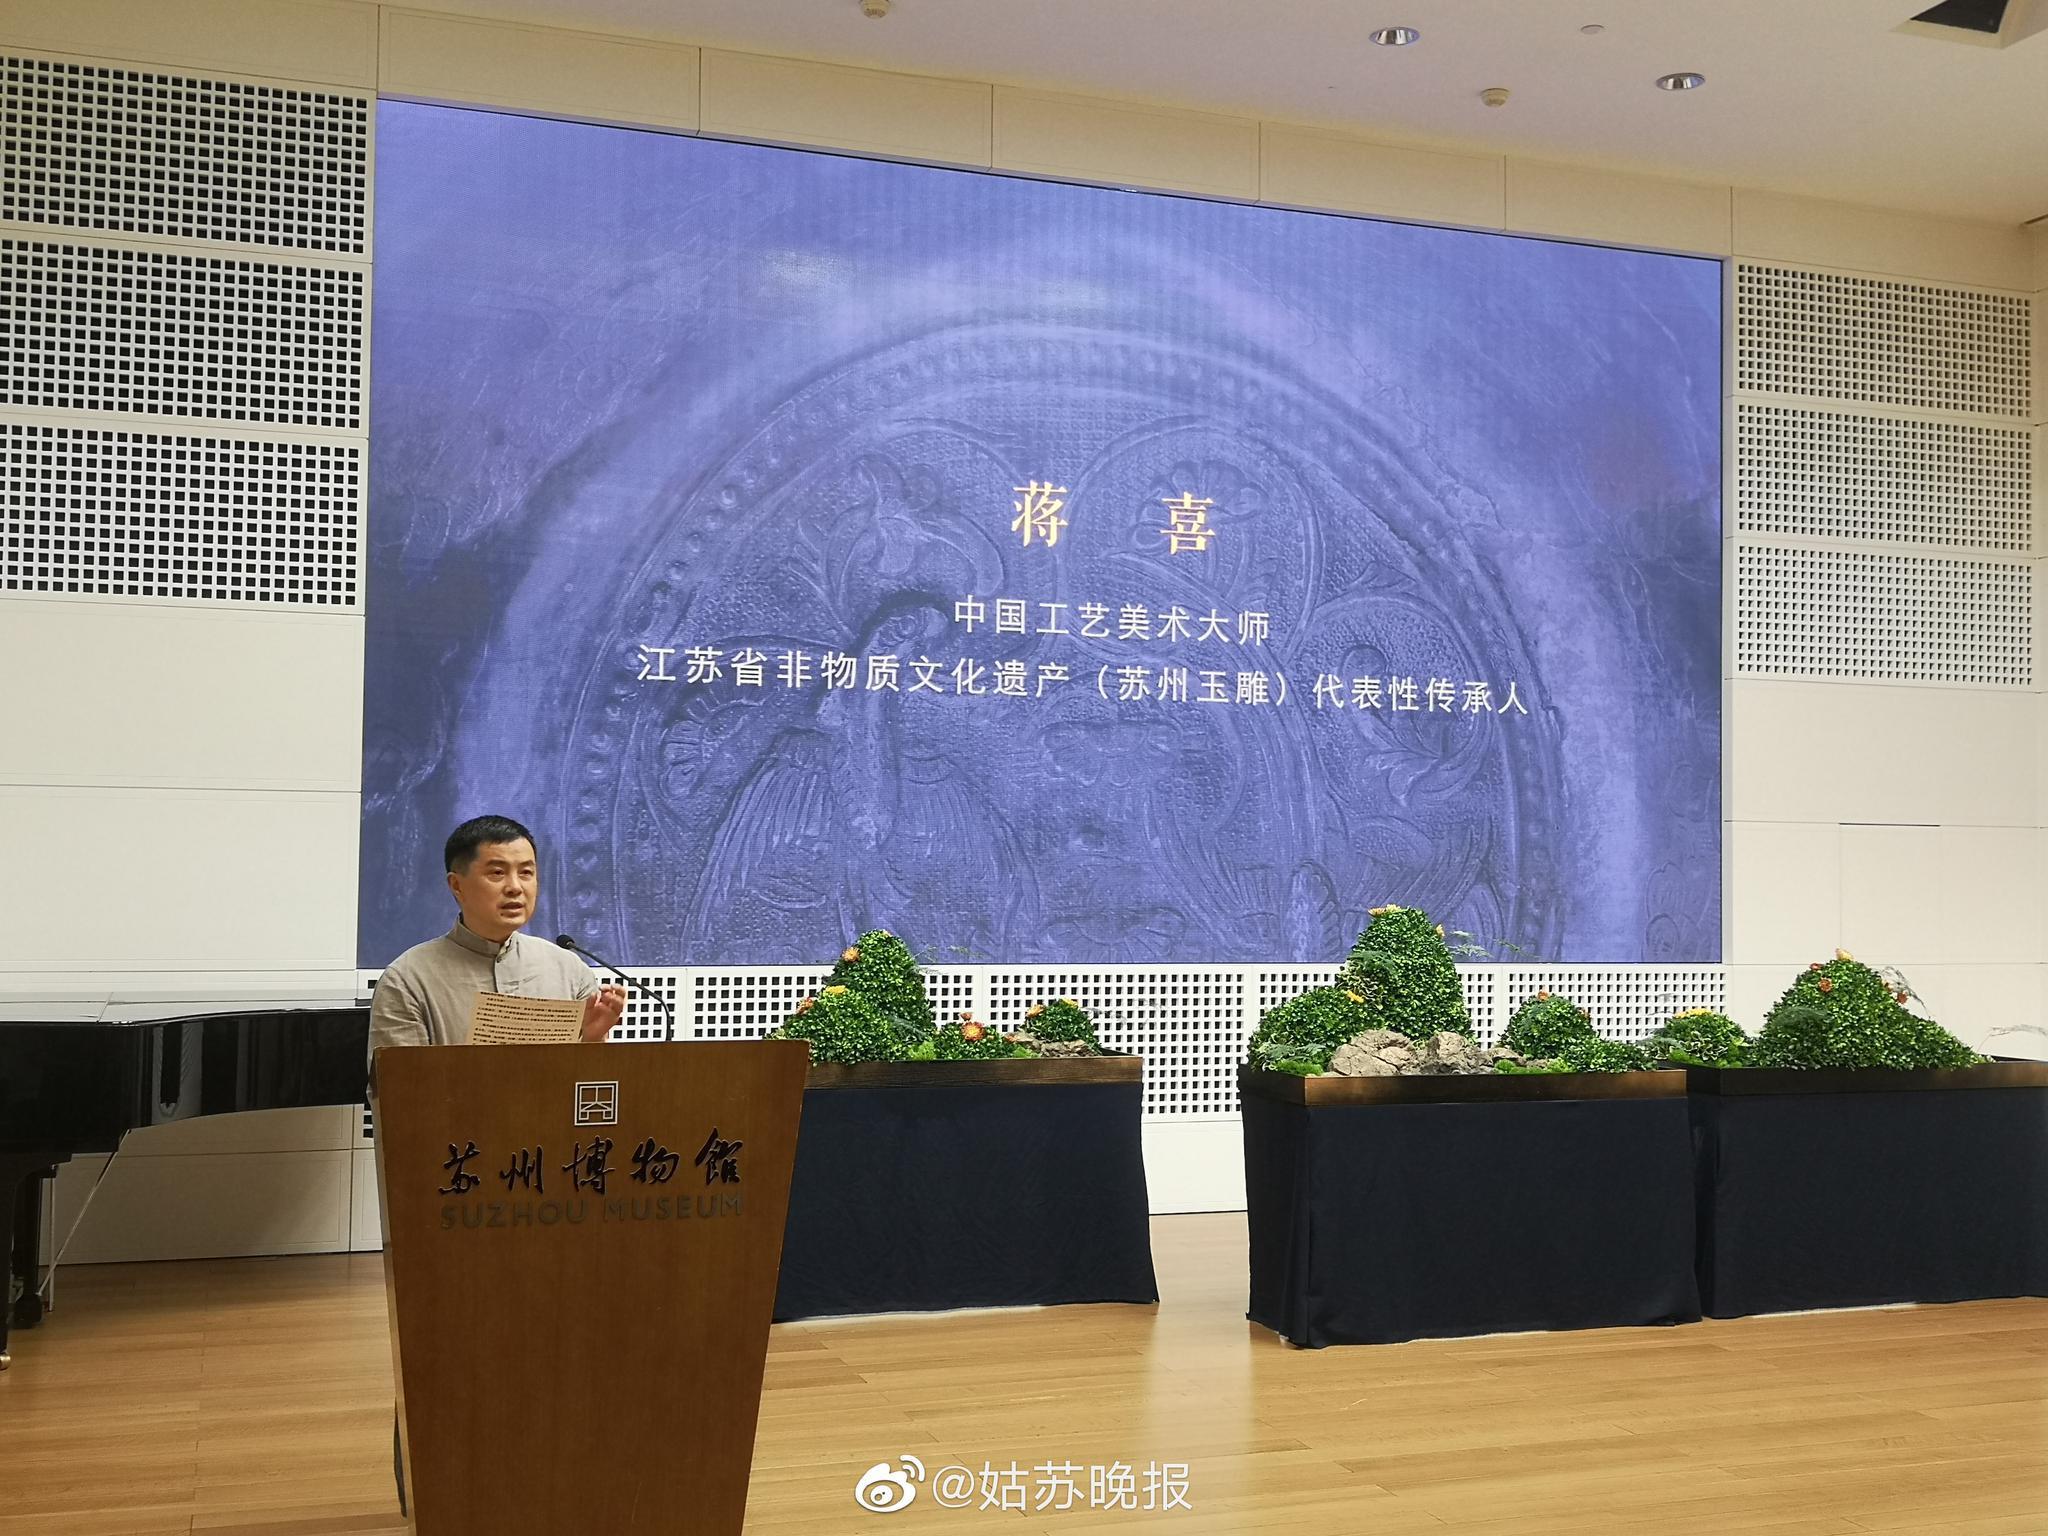 中国工艺美术大师蒋喜捐赠苏州博物馆174件珍贵玉石器